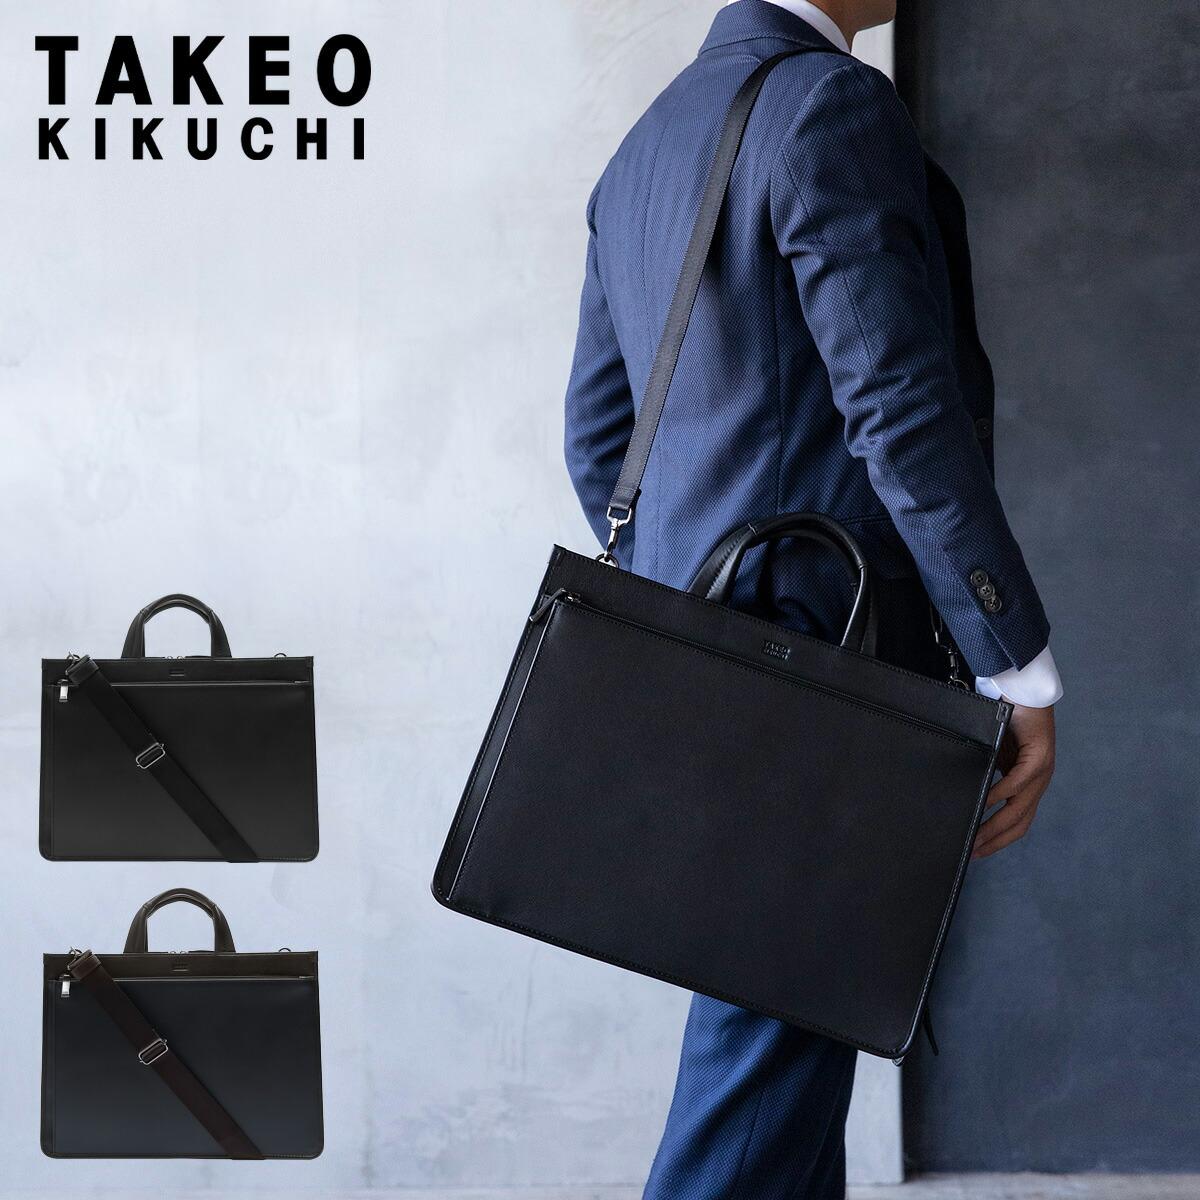 送料無料 タケオキクチ ブリーフケース 271502 驚きの価格が実現 TAKEO KIKUCHI ナビ メンズ bef 国産品 キクチタケオ 2WAY ショルダーバッグ ビジネスバッグ